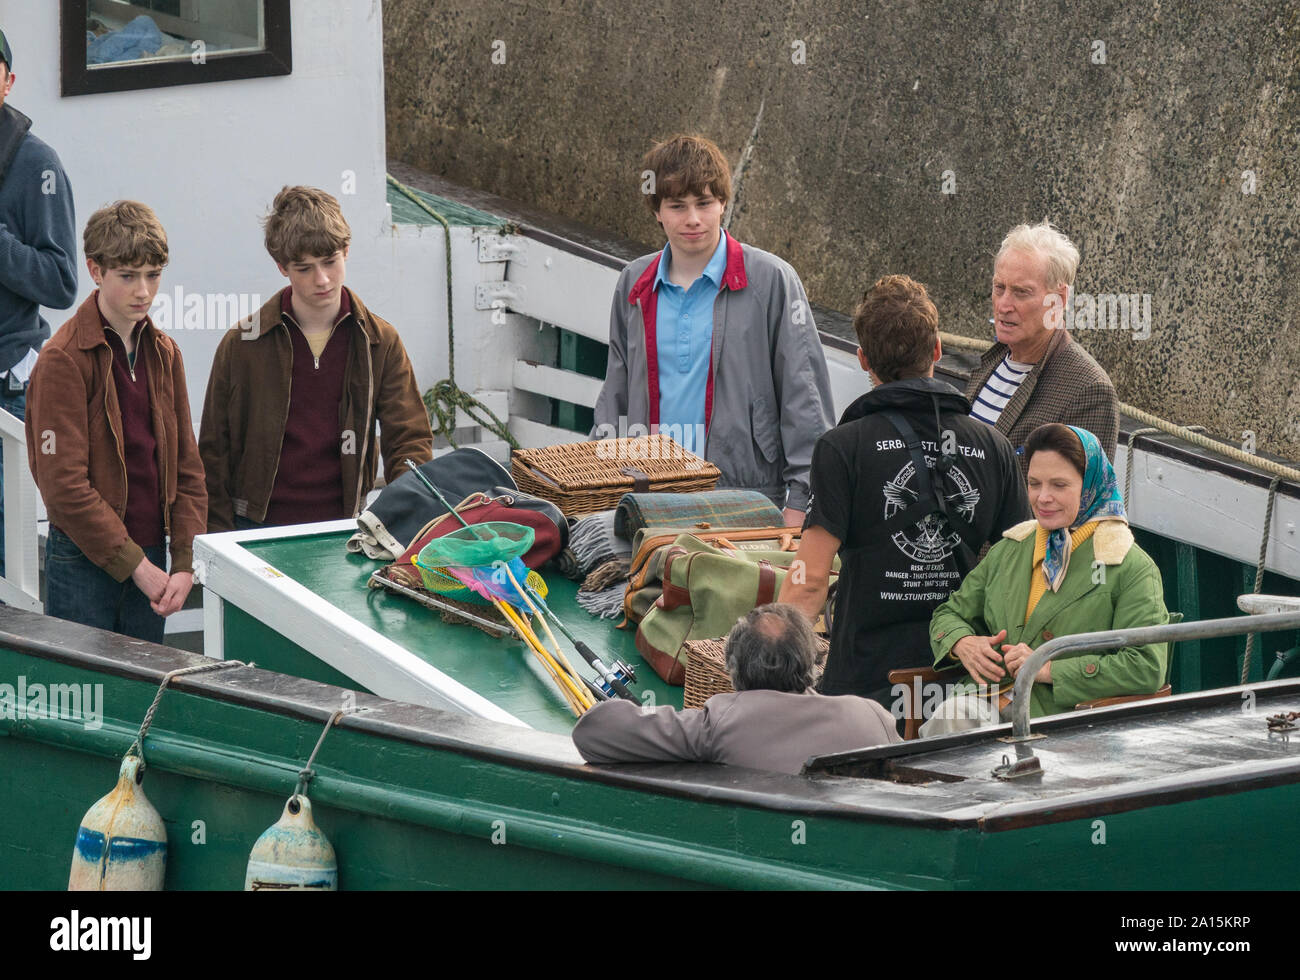 22 settembre 2019. Keiss Harbour, Highlands, Scotland, Regno Unito. Questa è una scena da le riprese della corona di re il Lord Mountbatten assassinio in Irlanda. Foto Stock